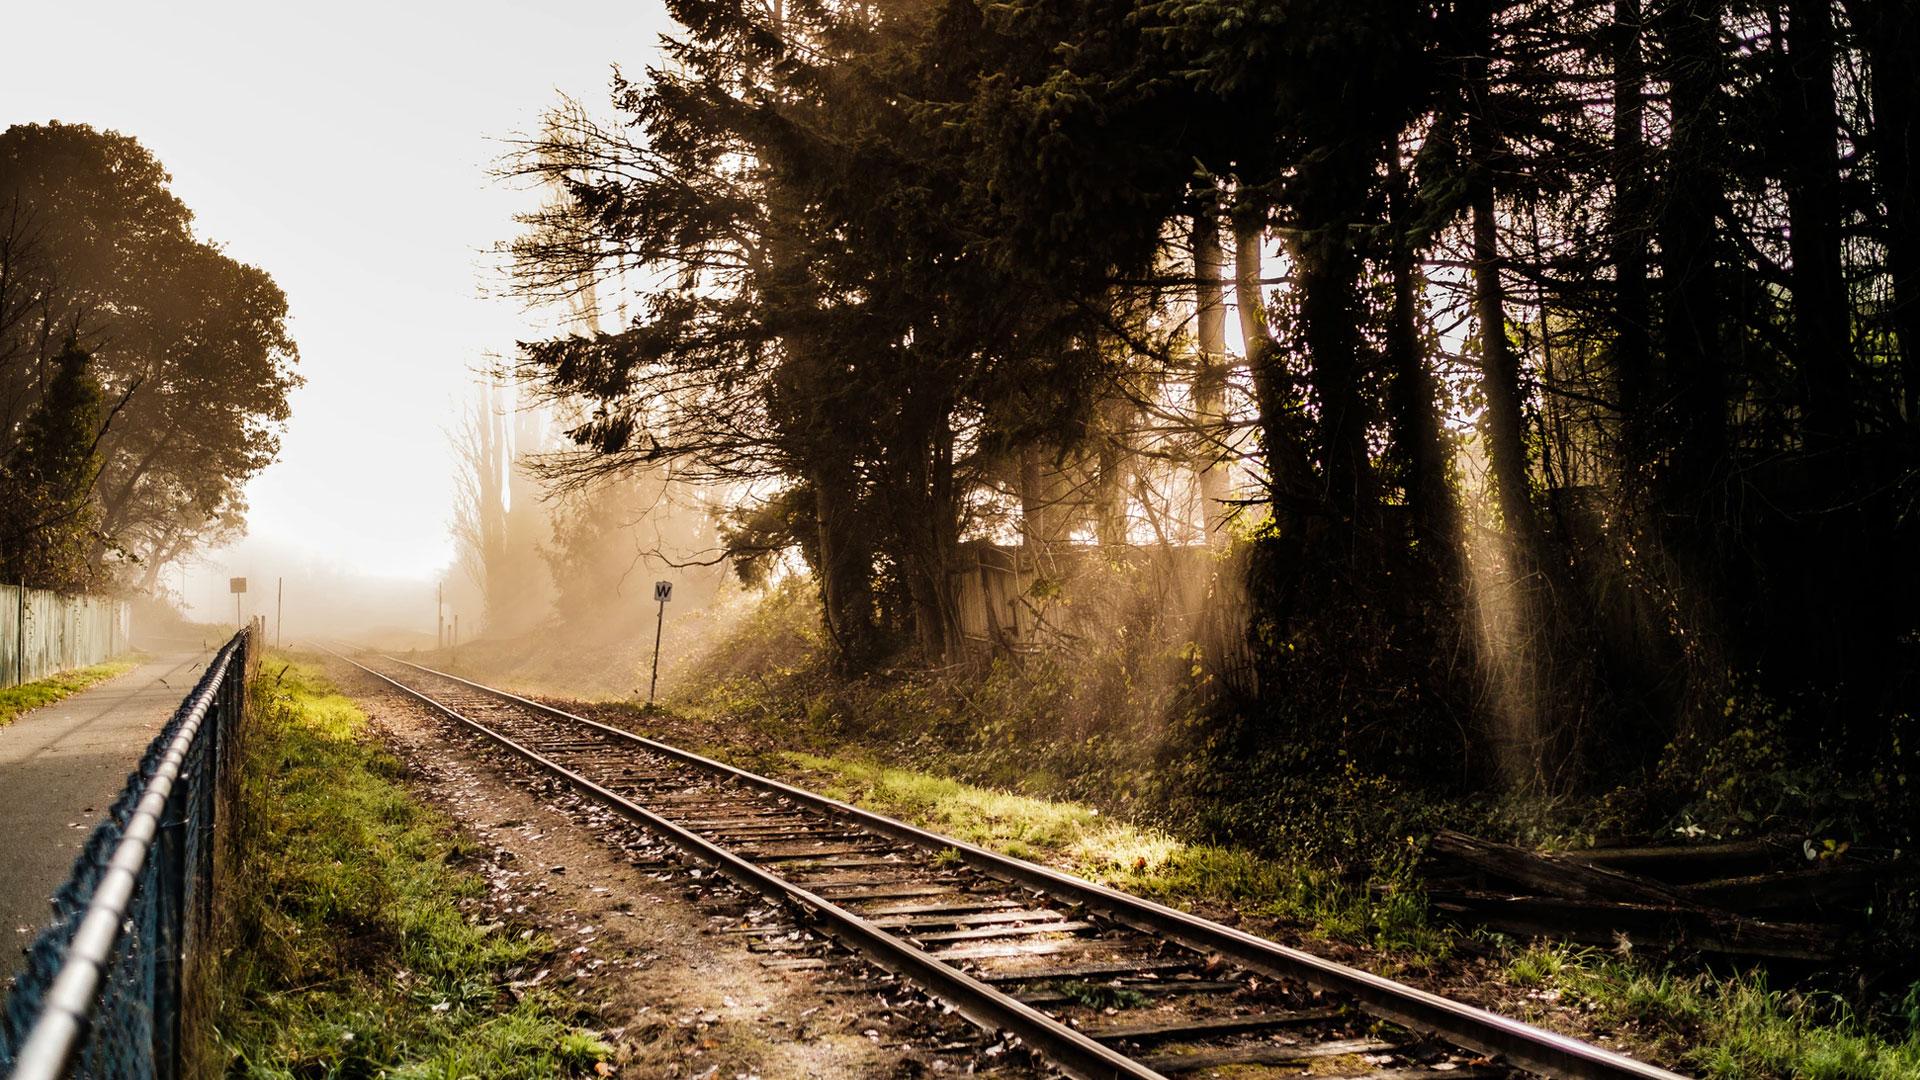 Monon Trail - Monon Greenway in Carmel